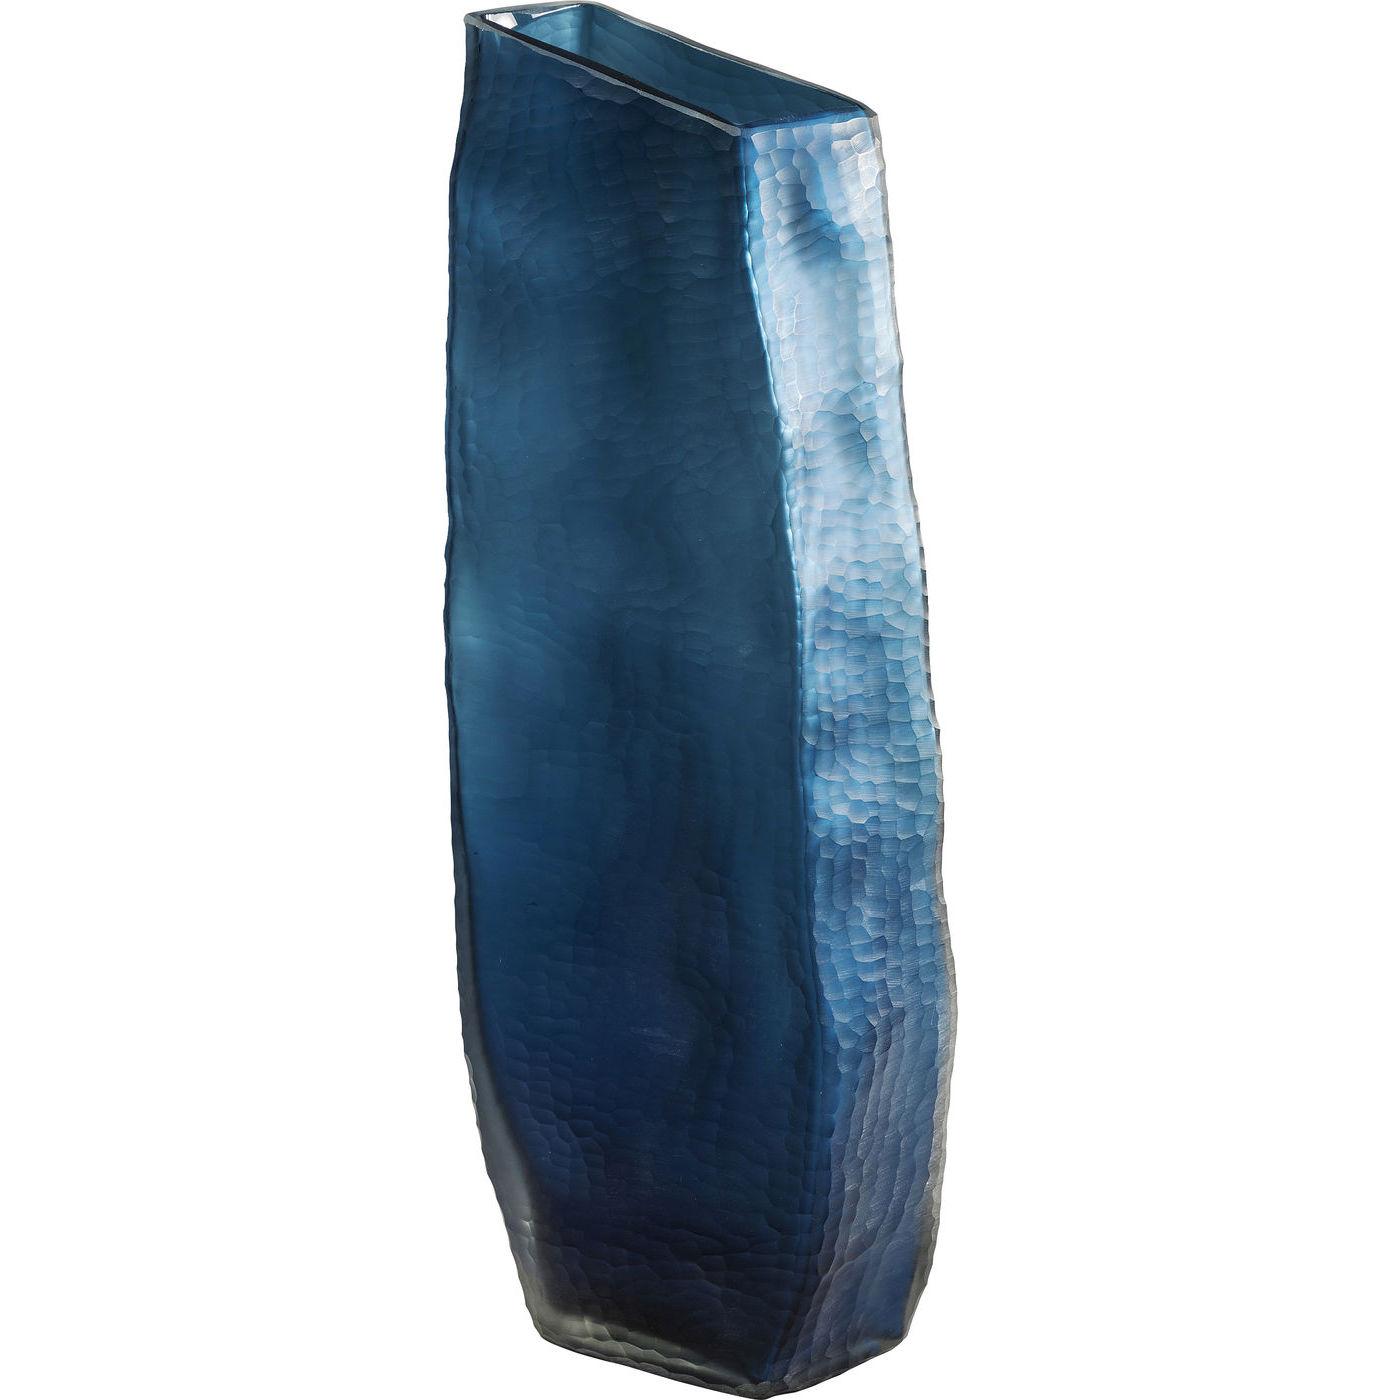 kare design – Kare design bieco blue vase - blåt glas, håndlavet, 61 cm på boboonline.dk